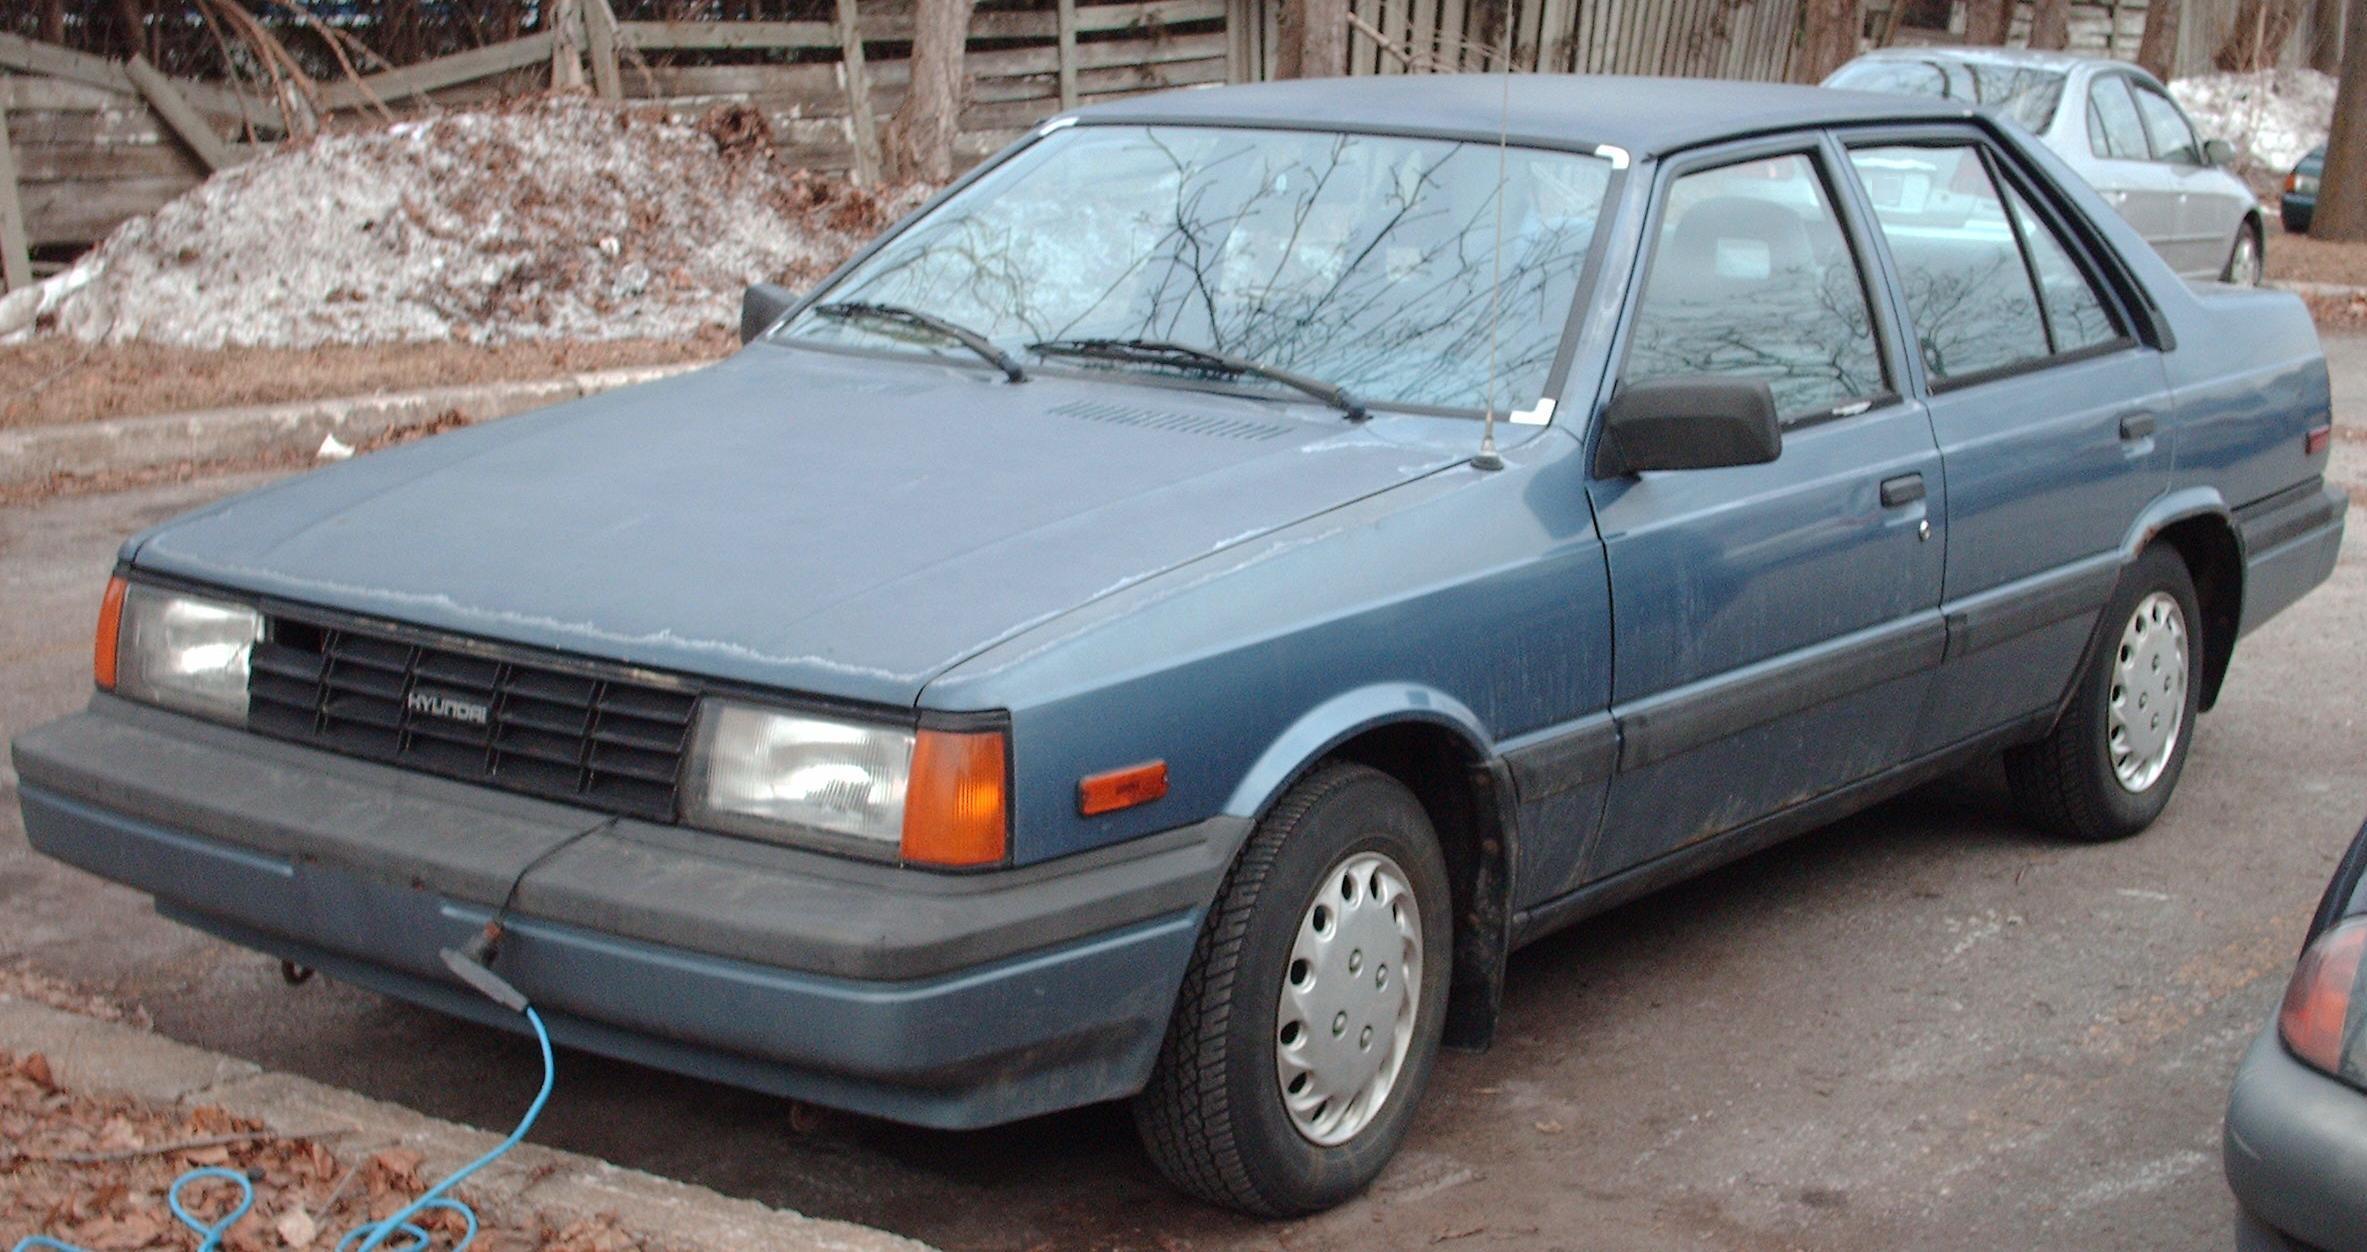 Rachat Hyundai Stellar – Reprise de voiture Enlèvement d'épave gratuit